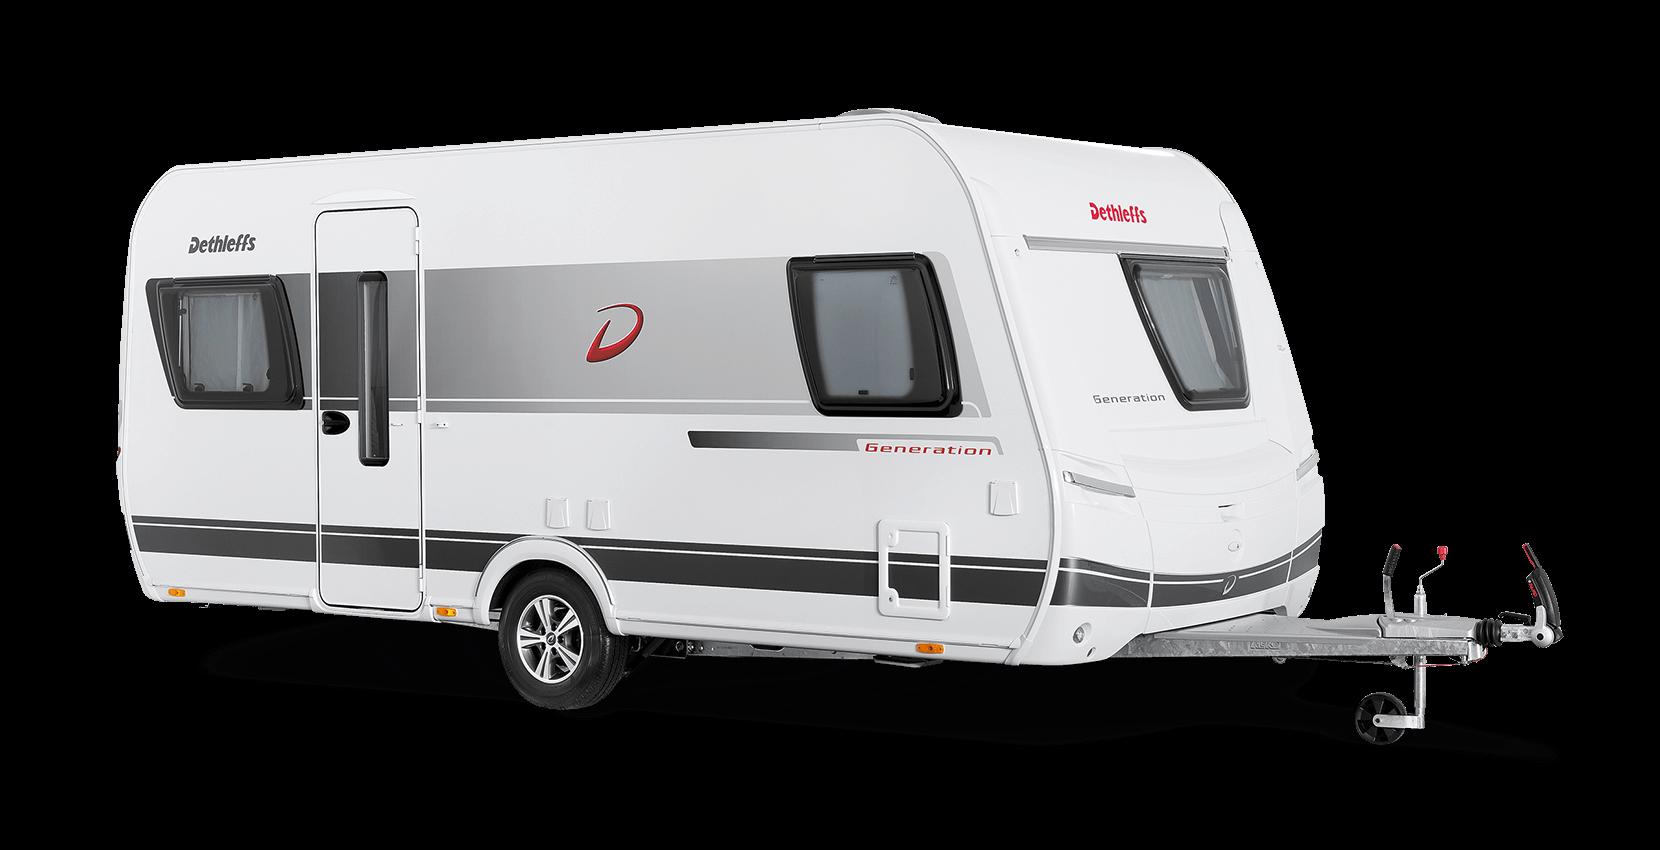 Wohnwagen Dethleffs Etagenbett : Generation wohnwagen dethleffs caravans und wohnwägen